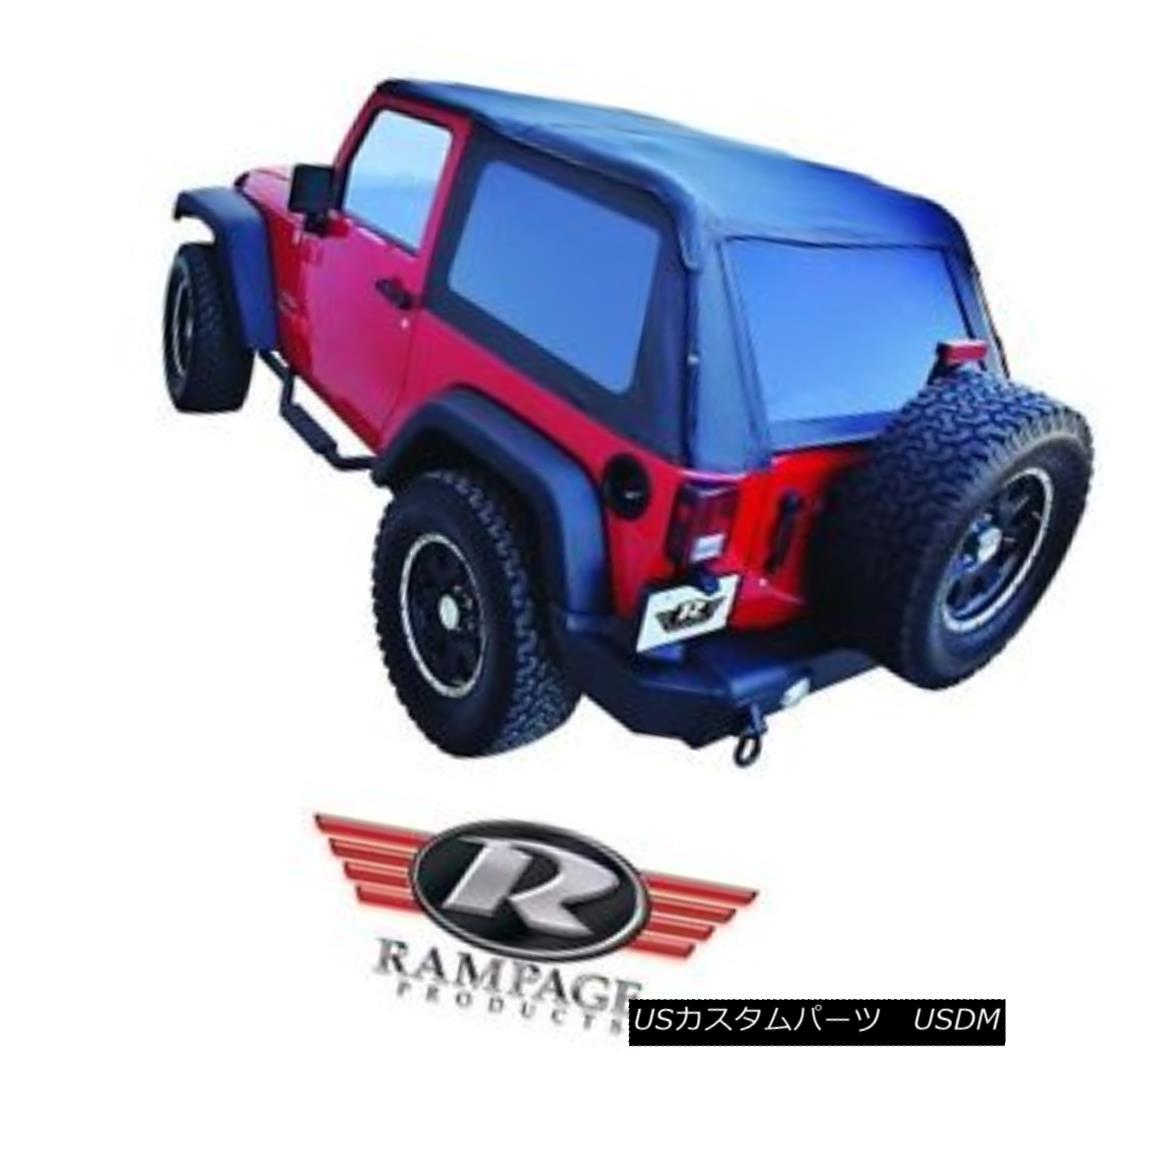 幌・ソフトトップ Rampage Frameless Trail Top w/ Tint 2007-2017 Jeep Wrangler JK 2 Dr 109935 Black ランペイジ・フレームレス・トレイル・トップ(ティント2007-2017)ジープ・ラングラーJK 2ドクター109935ブラック